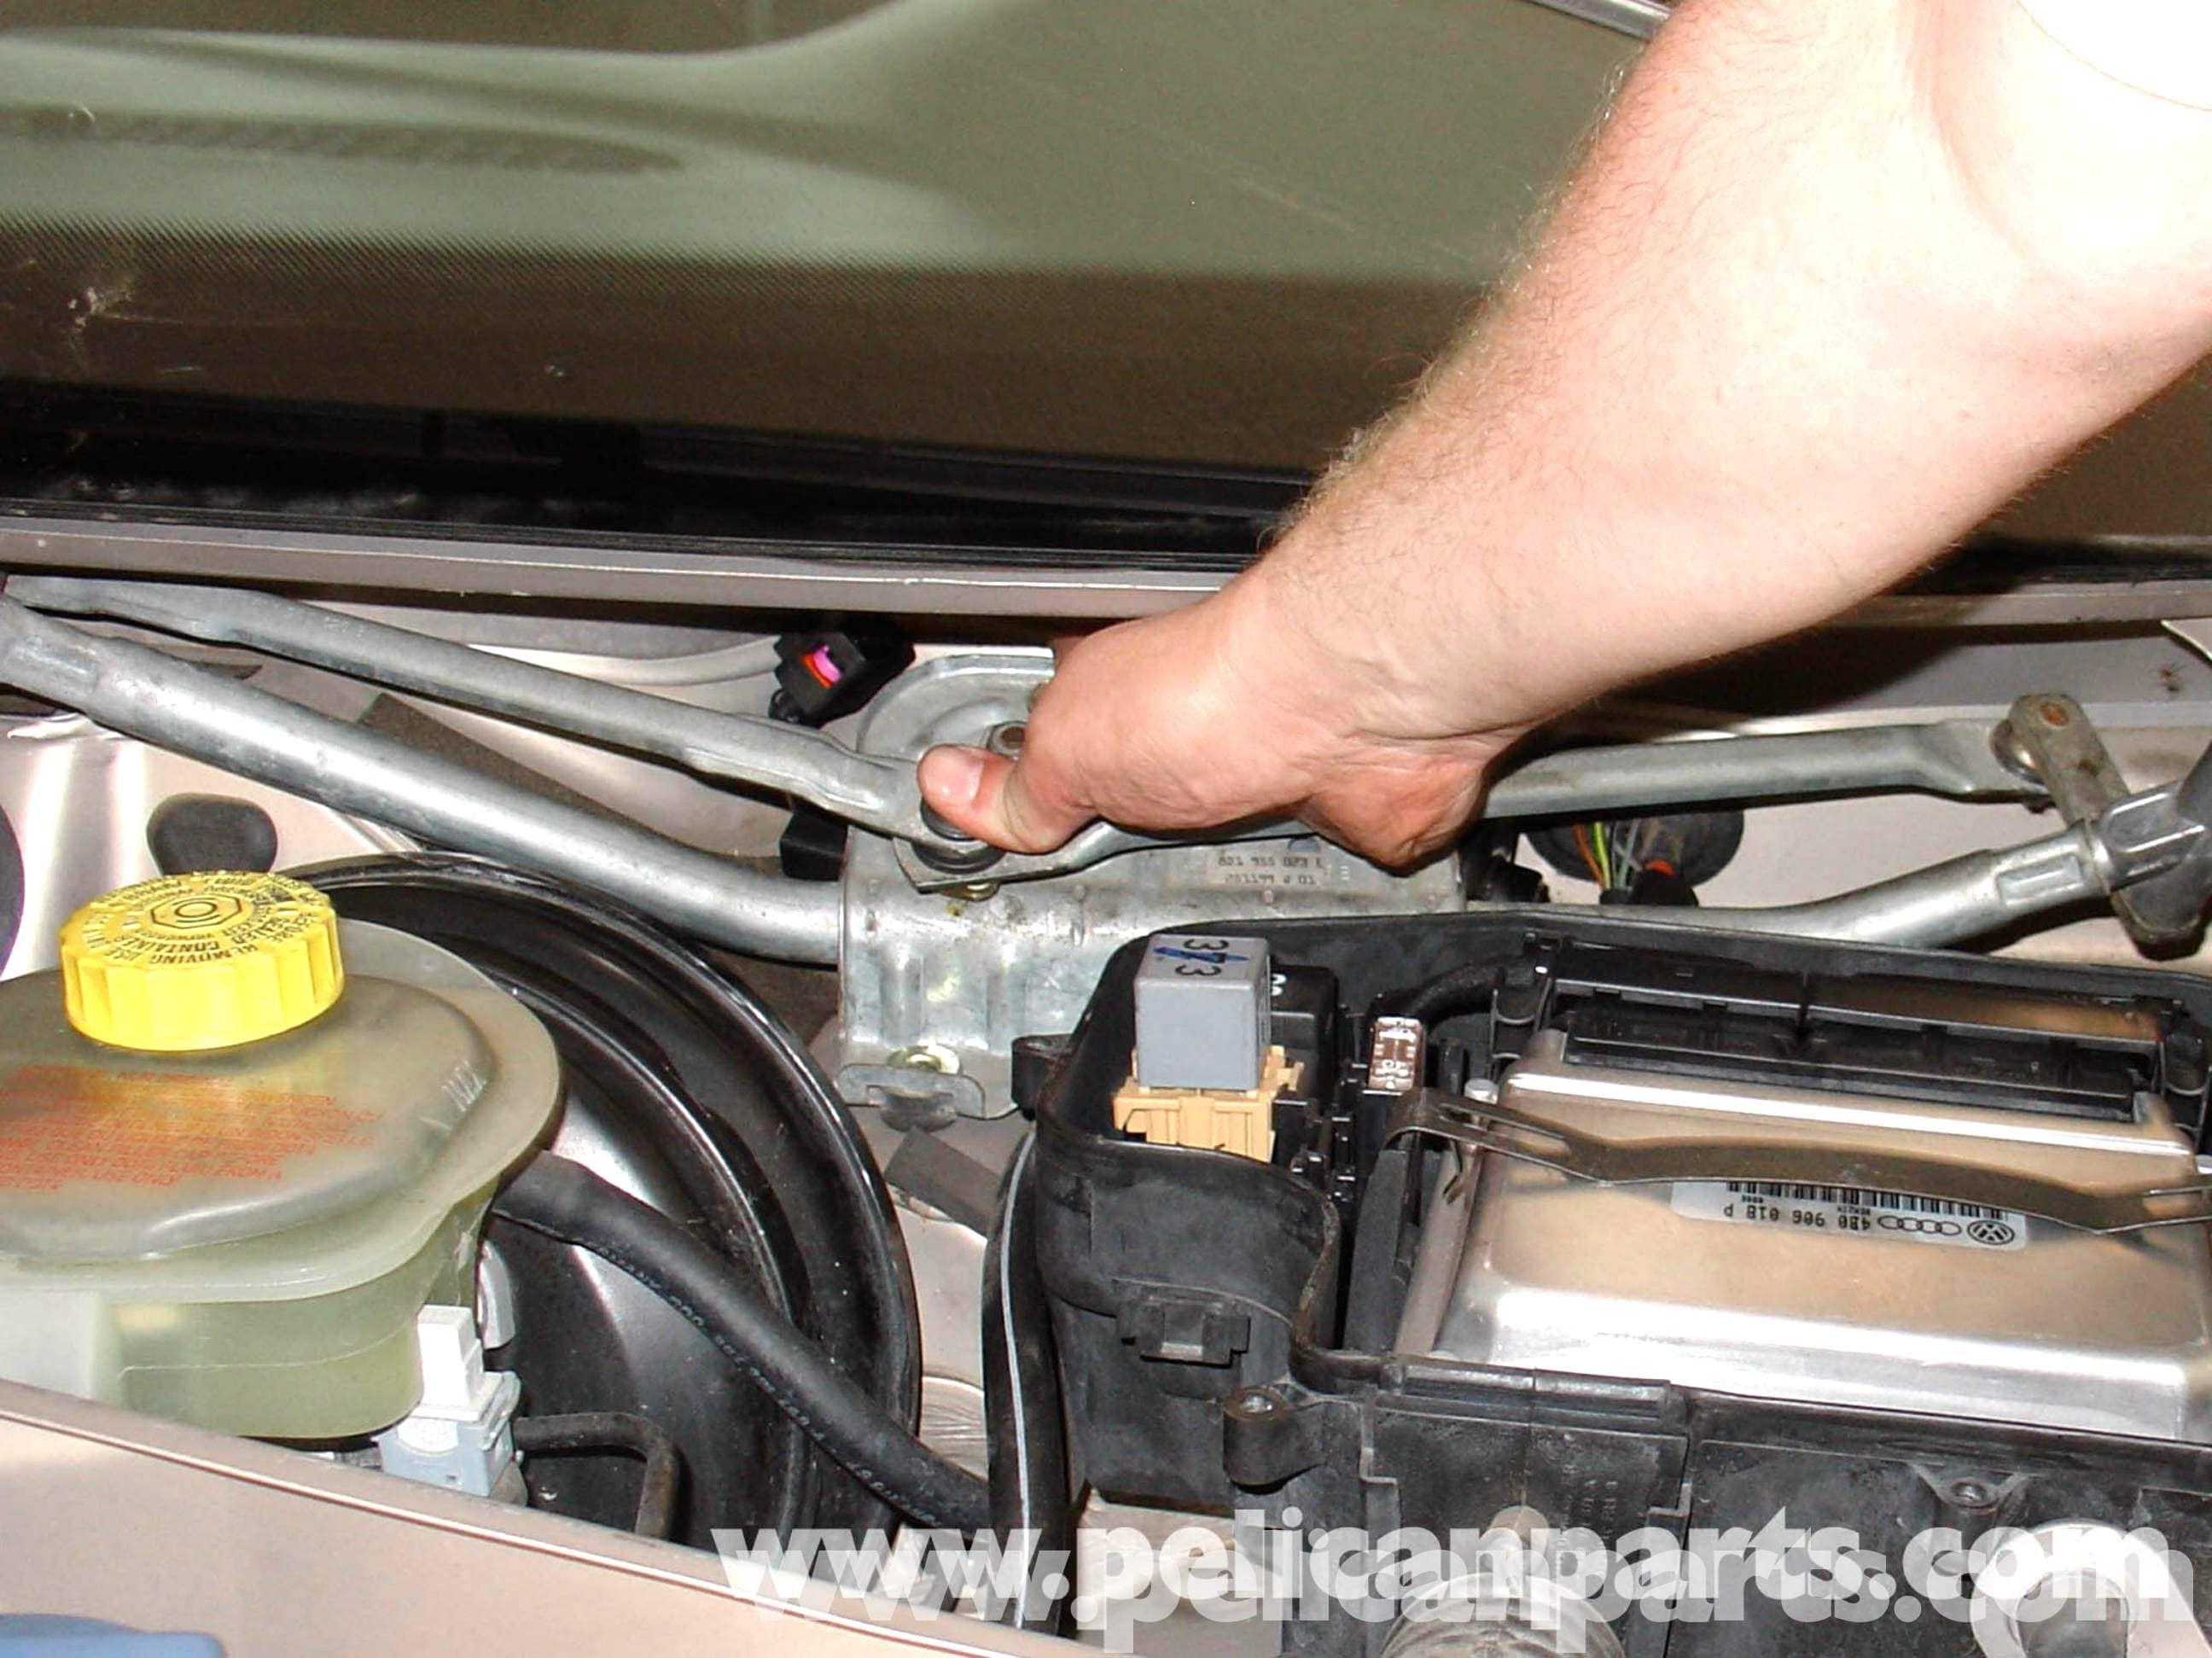 audi a4 1 8t volkswagen wiper motor replacement golf jetta rh pelicanparts com 2003 Audi A4 Turbo 2003 Audi A4 Turbo